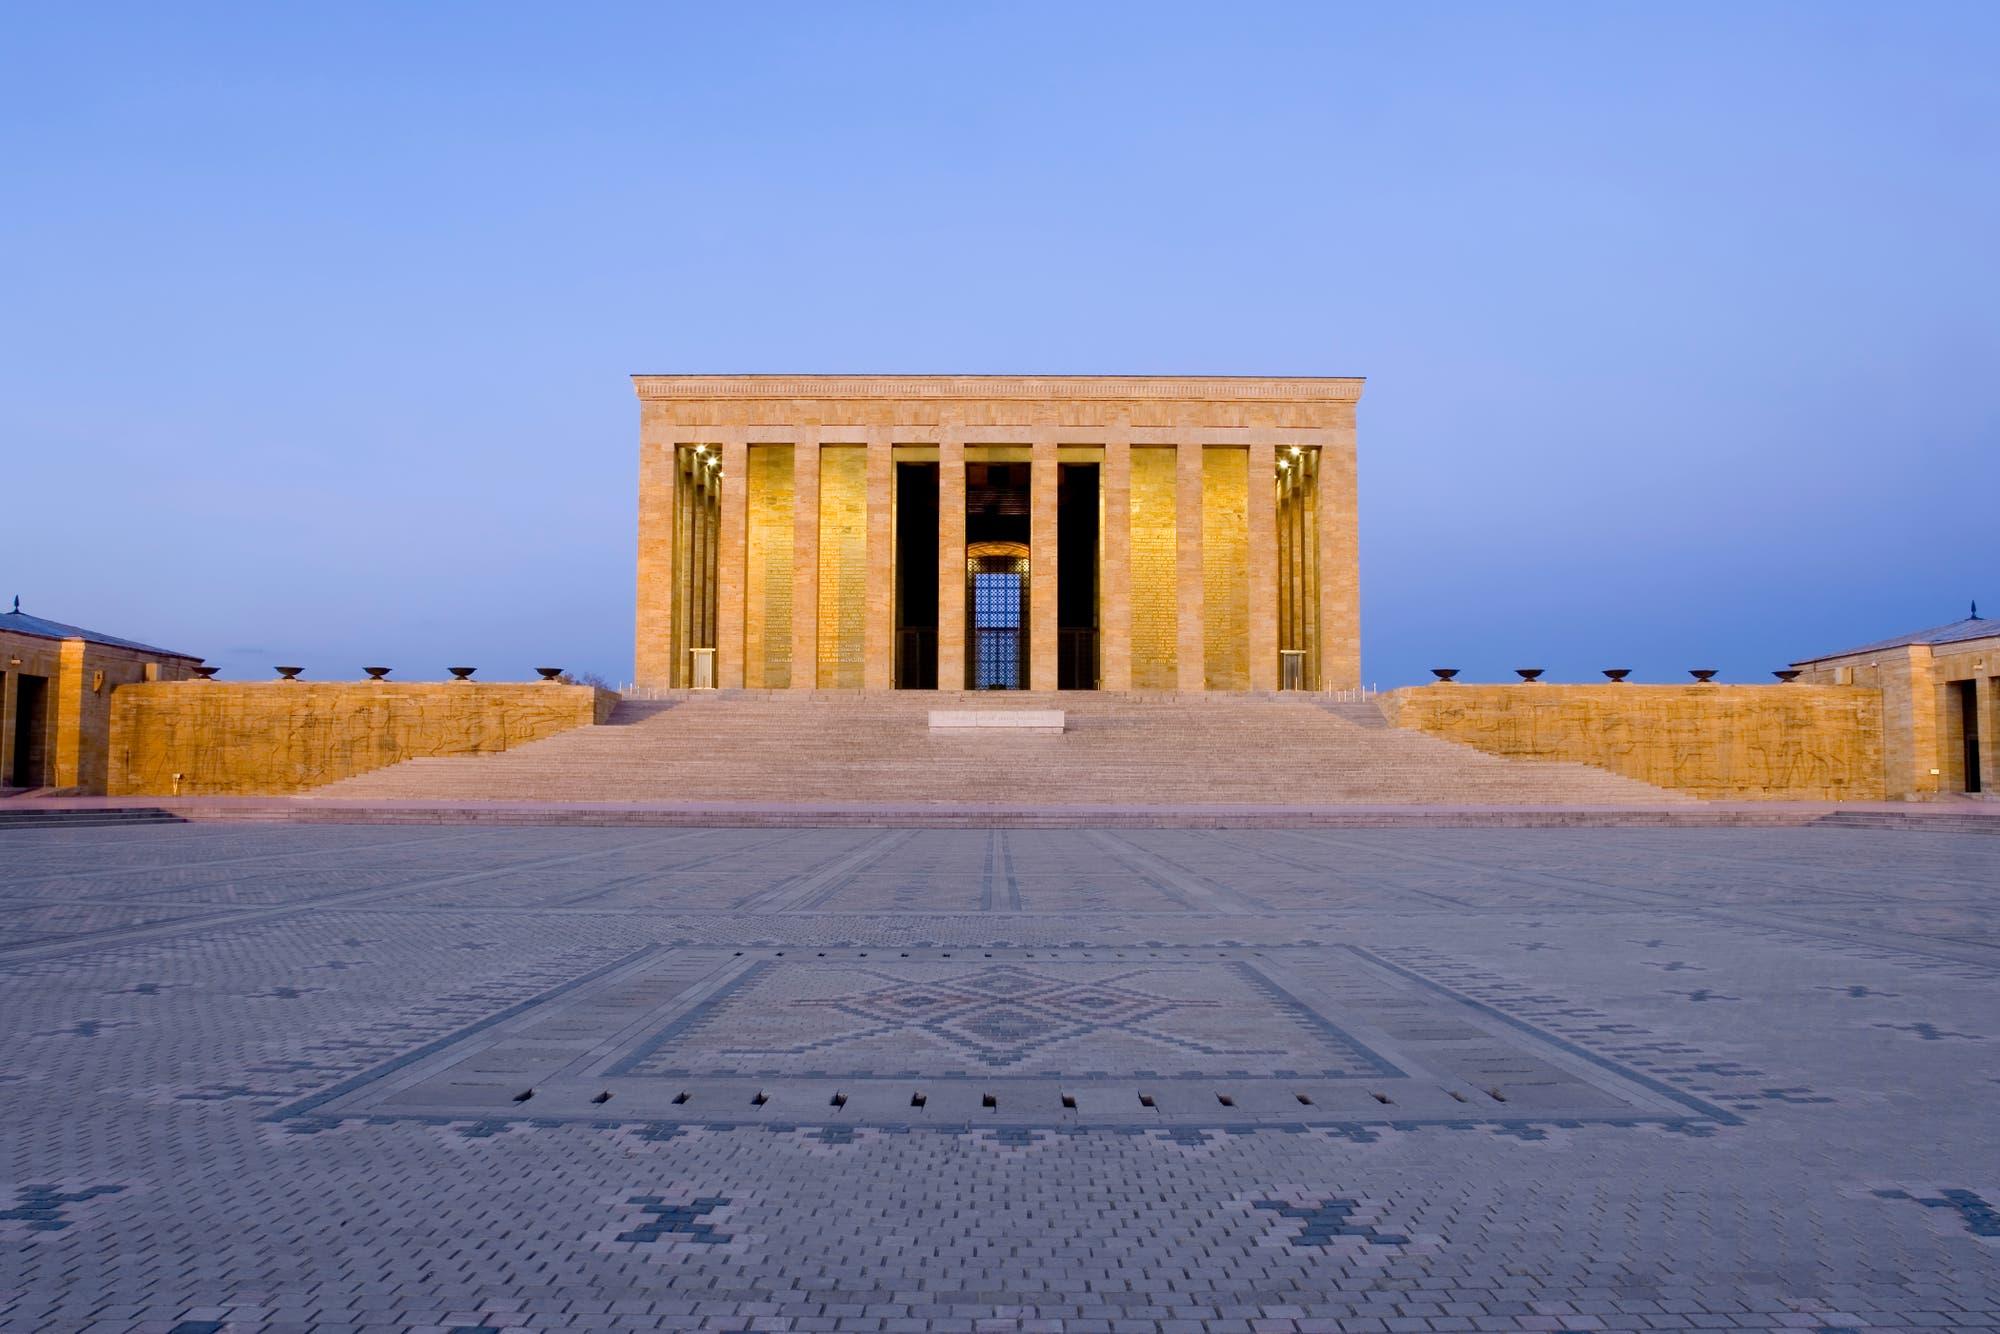 Anıtkabir, Atatürk-Mausoleum bei Ankara